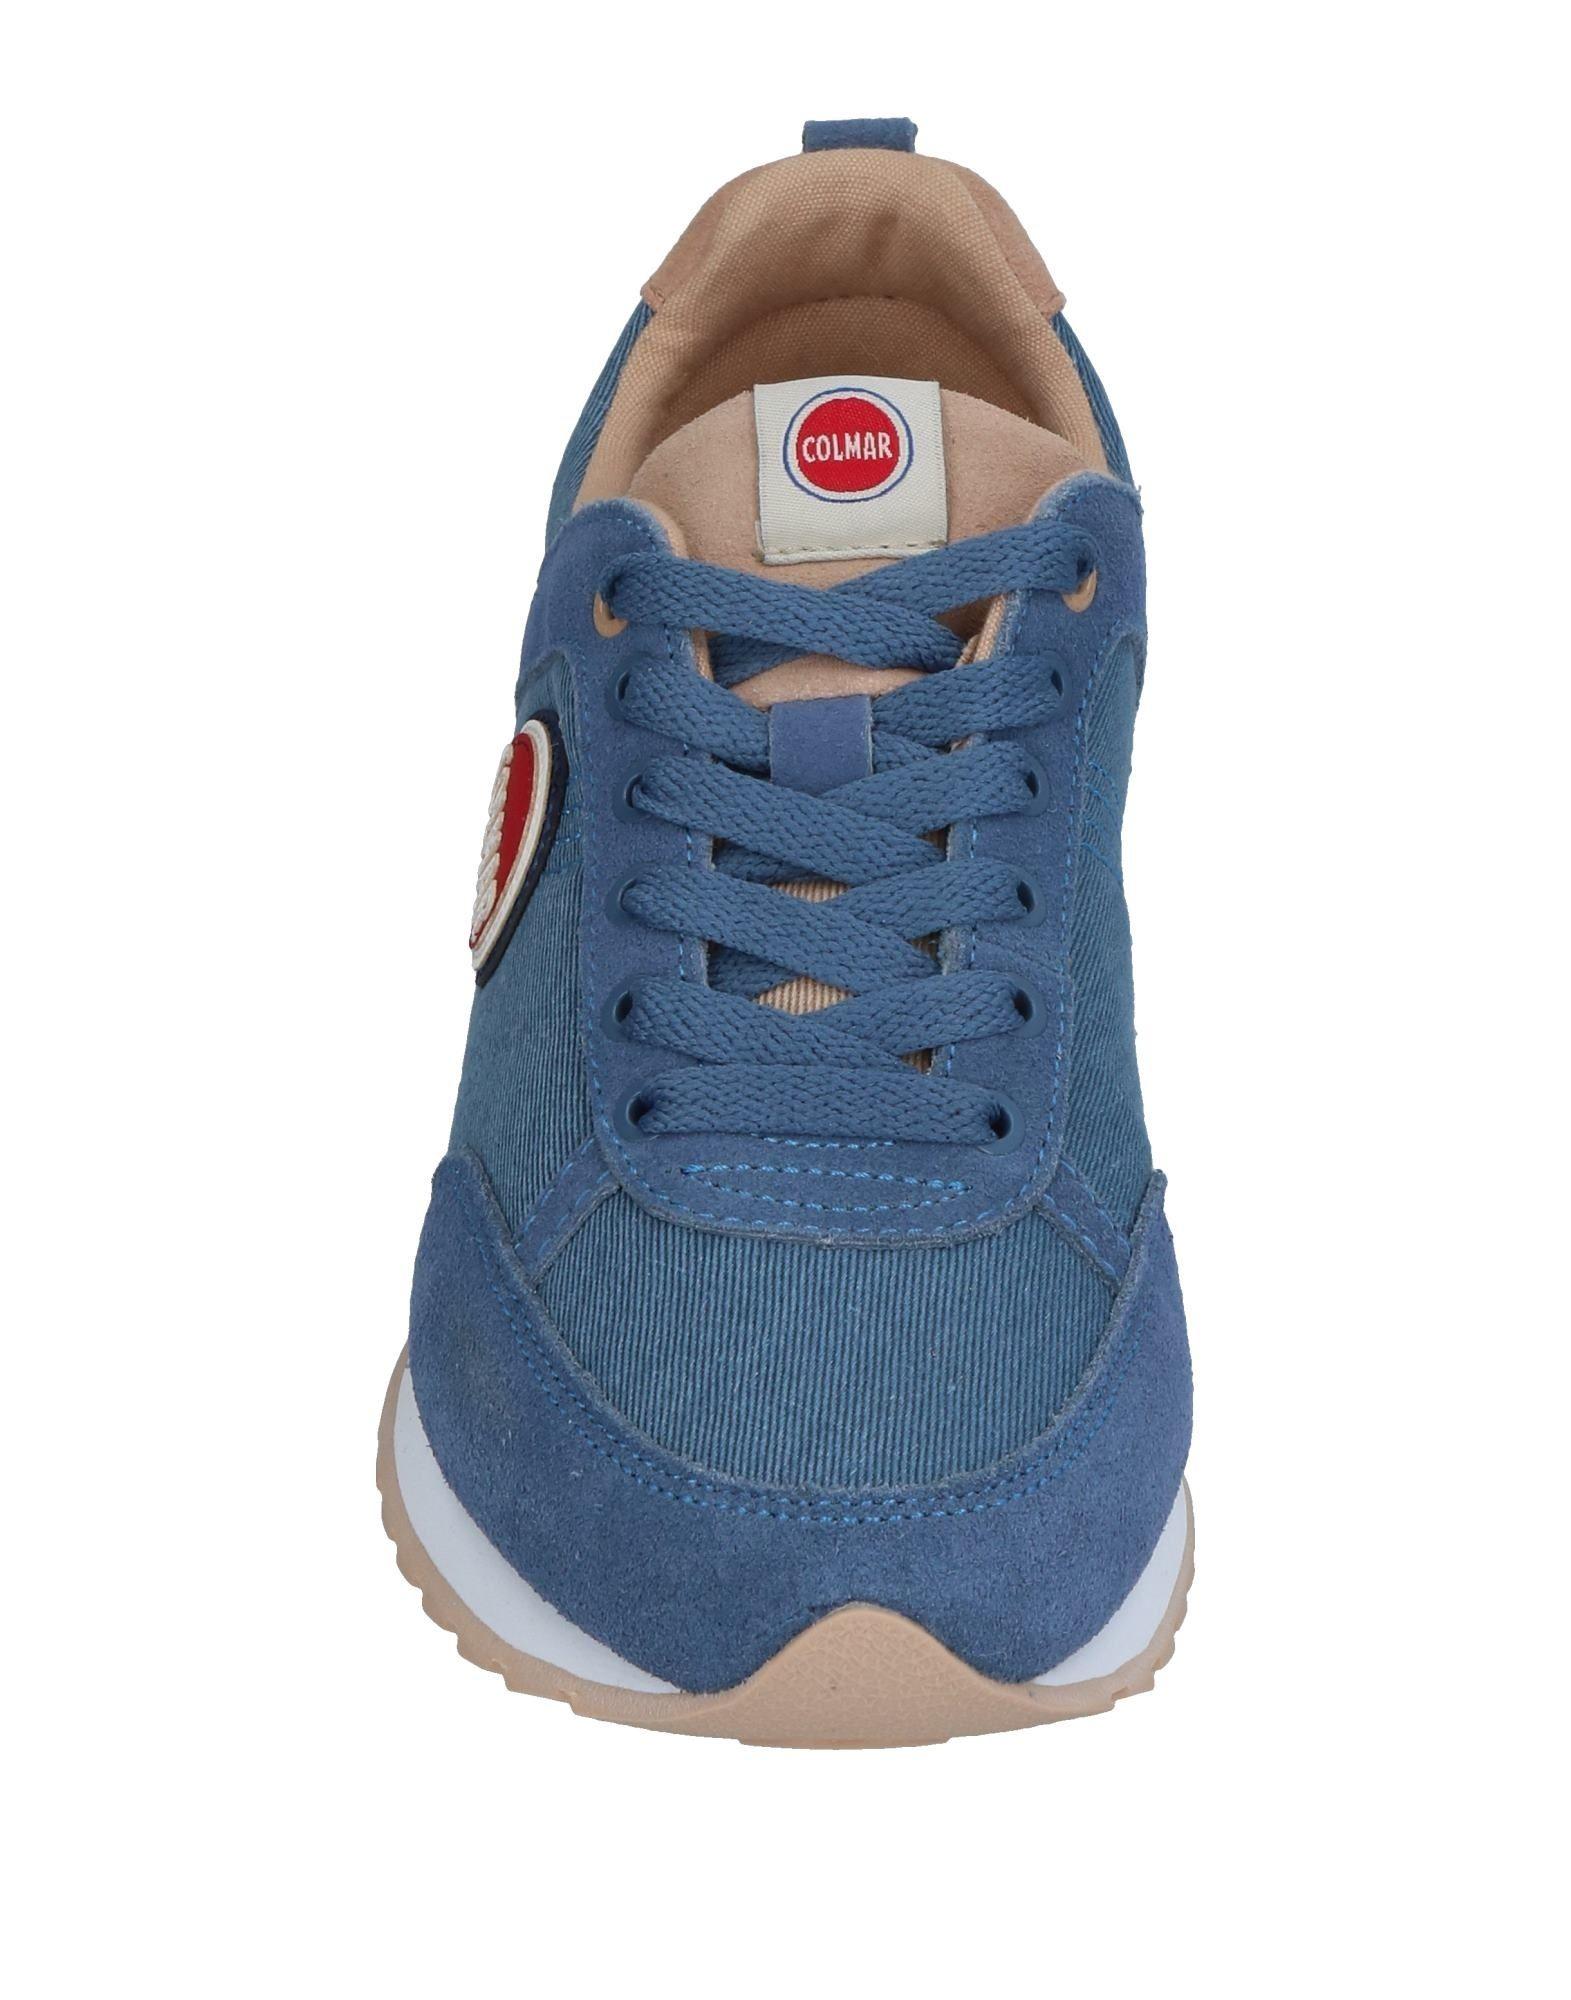 Sneakers Colmar Femme - Sneakers Colmar sur